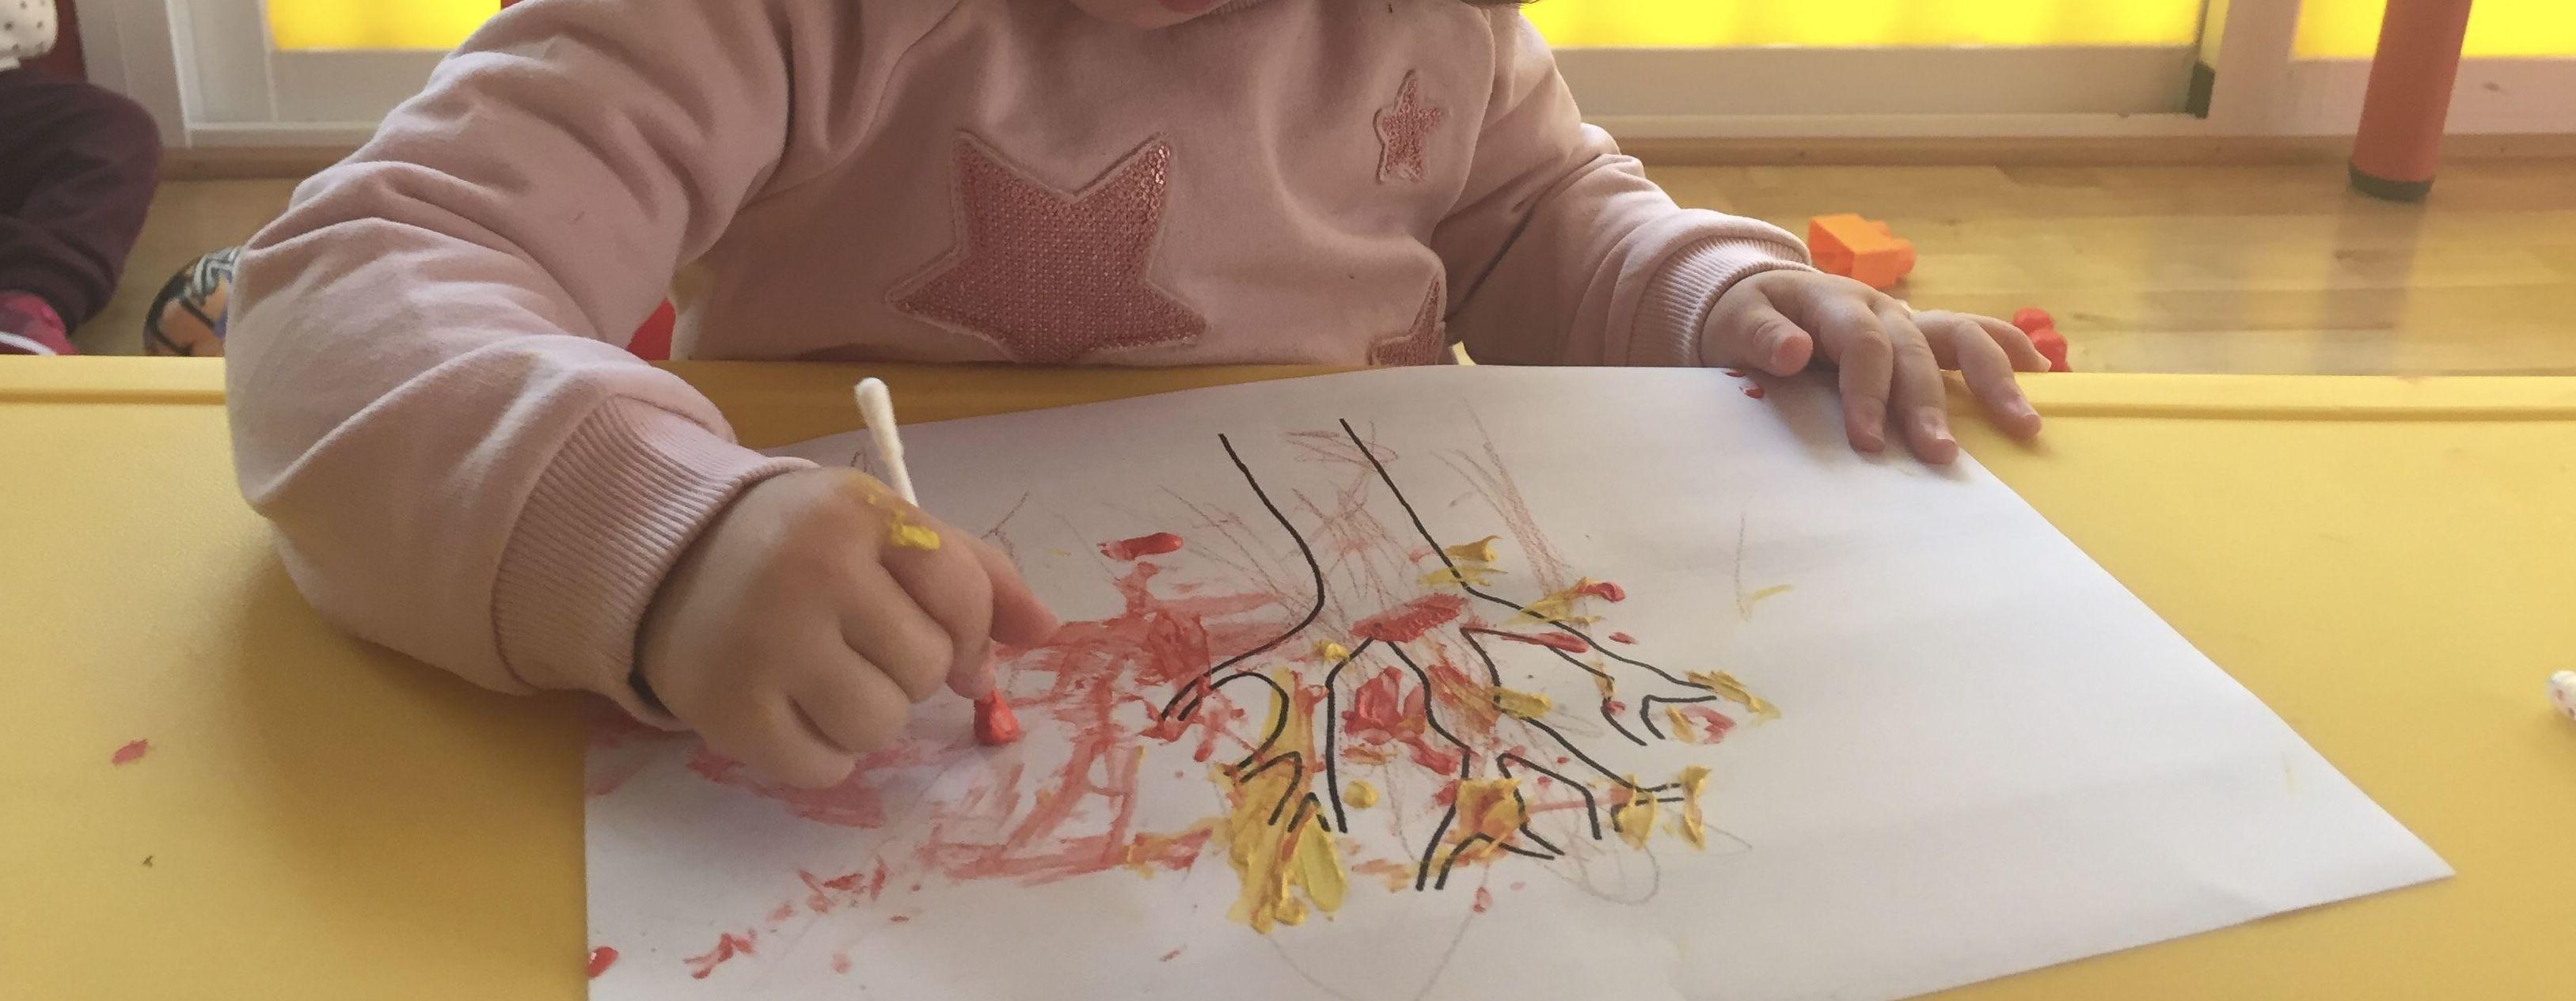 Foto 17 de Escuela infantil para niños de 0 a 3 años en Llucmajor | Escoleta Colibrís